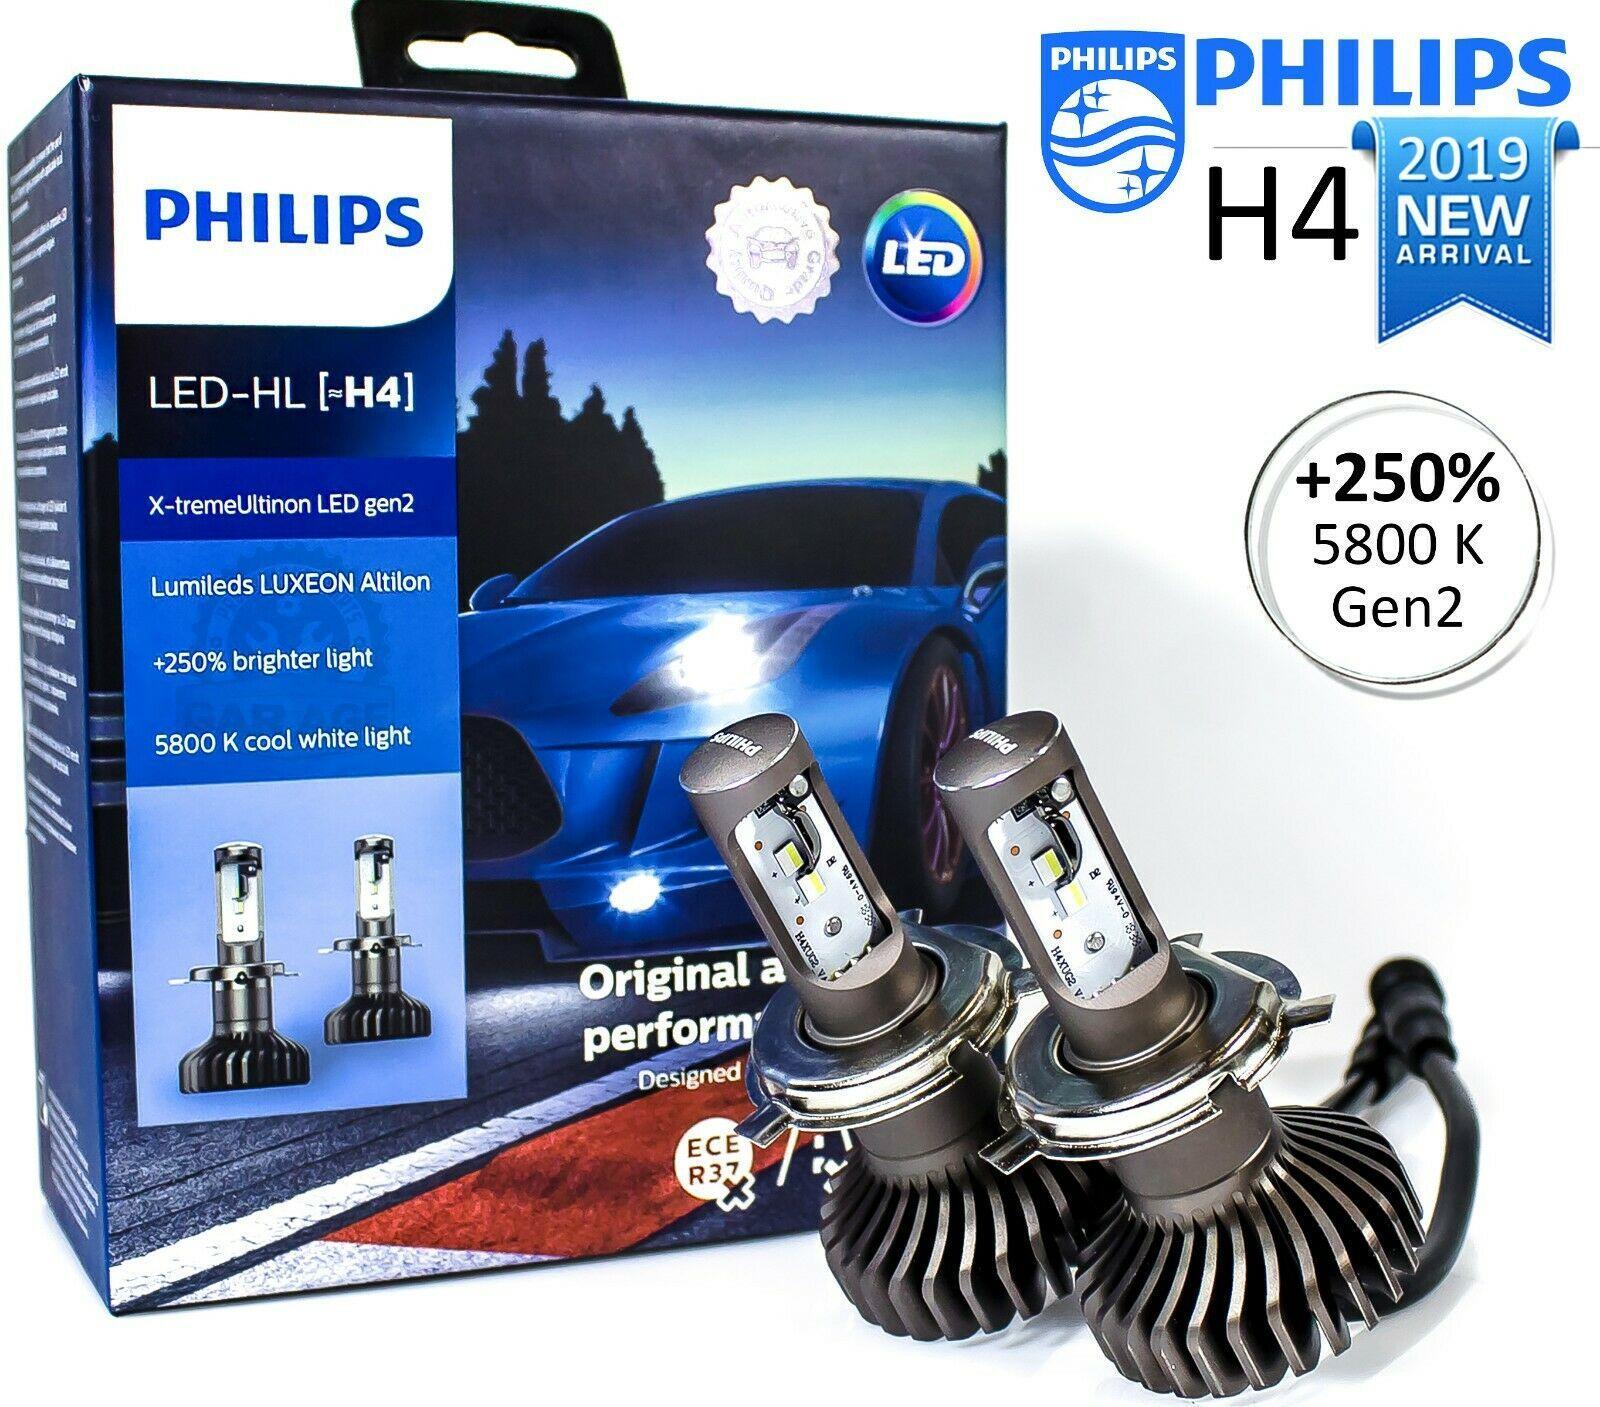 Philips Xtreme Ultinon Gen 2 LED 5800K +250%